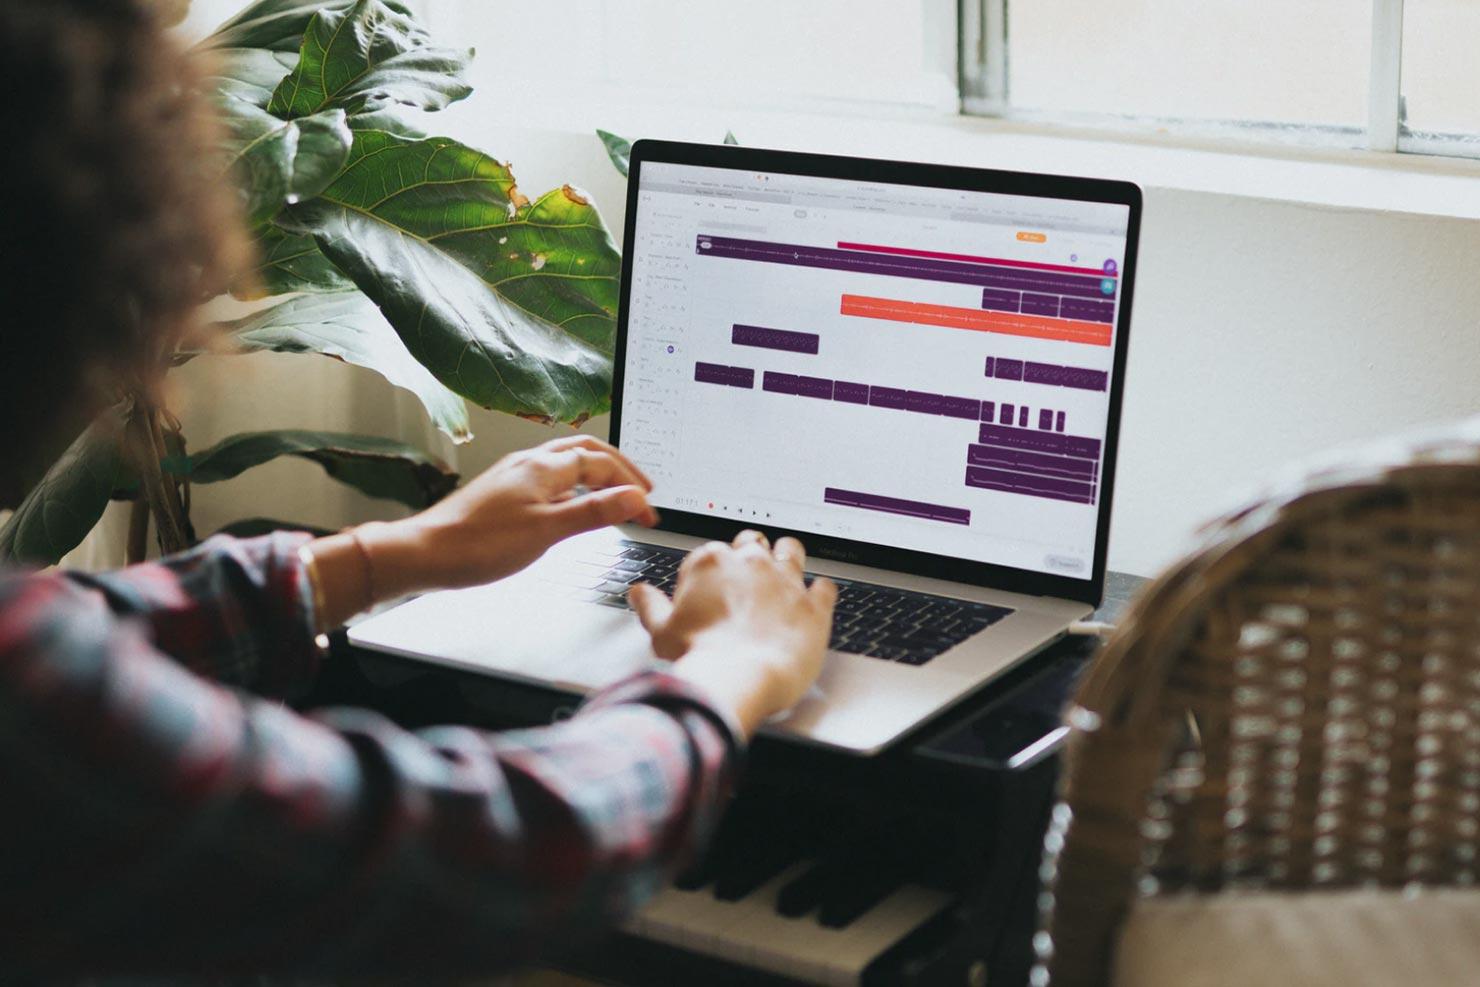 Pessoa trabalhando em um laptop aberto com uma ferramenta de agendamento na tela